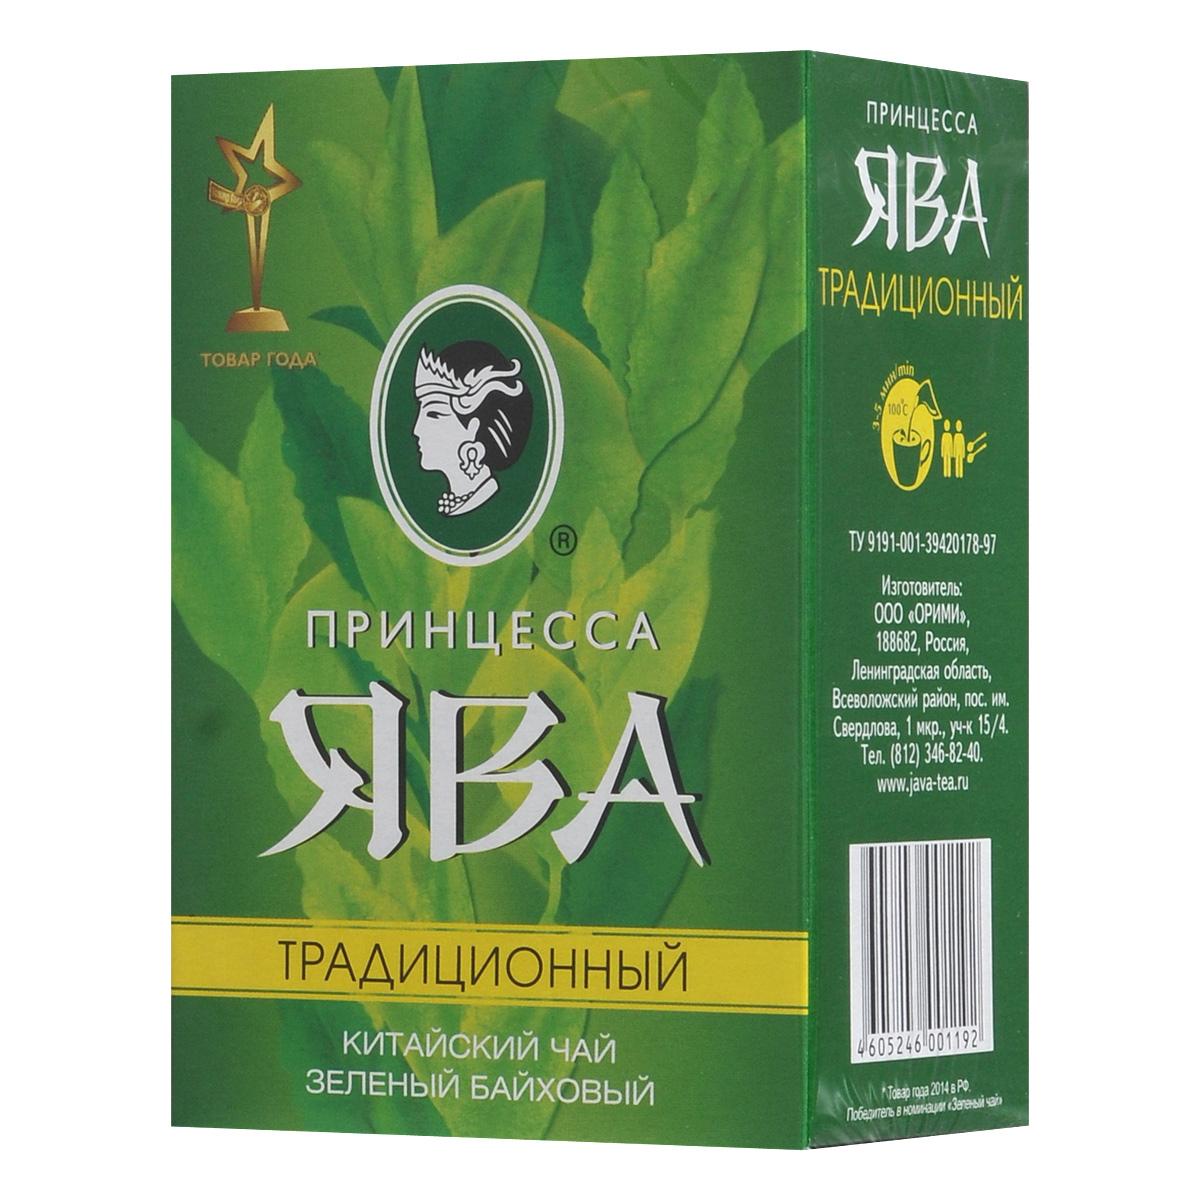 Принцесса Ява Традиционный зеленый чай листовой, 100 г0119-64Китайский крупнолистовой зеленый чай Принцесса Ява Традиционный отличается темно-зеленым цветом и обладает индивидуальным терпким вкусом с легкой горчинкой. После употребления чая остается долгое послевкусие. Кроме того, это один из немногих зеленых чаев, который рекомендуют пить холодным с сахаром и лимоном.Всё о чае: сорта, факты, советы по выбору и употреблению. Статья OZON Гид